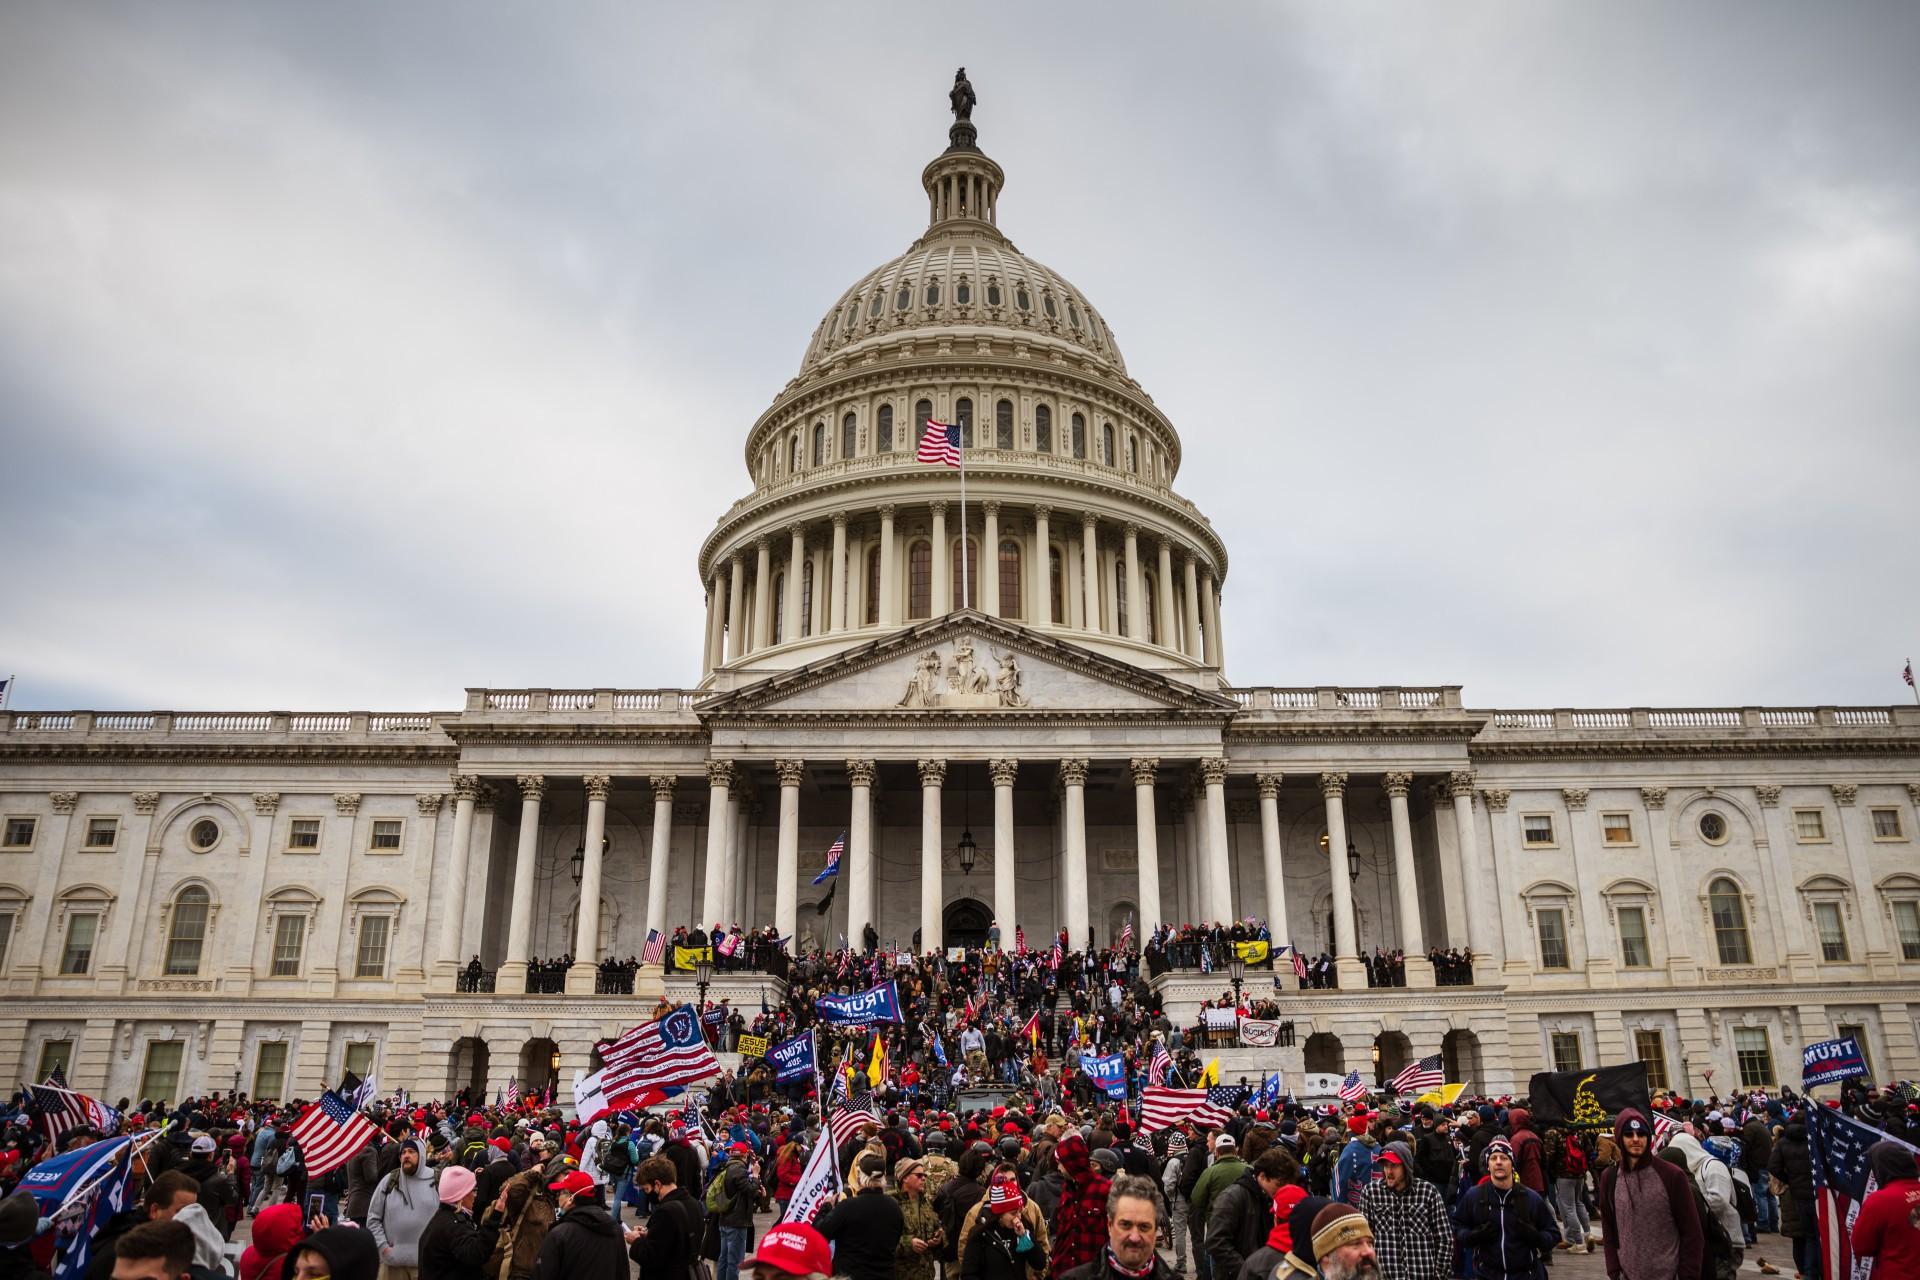 WASHINGTON, DC - 06 de janeiro: Um grande grupo de manifestantes pró-Trump fica na escadaria leste do edifício do Capitólio depois de invadir suas terras em 6 de janeiro de 2021 em Washington, DC. Uma multidão pró-Trump invadiu o Capitol, quebrando janelas e entrando em confronto com policiais. Os apoiadores de Trump se reuniram na capital do país hoje para protestar contra a ratificação da vitória do Colégio Eleitoral do presidente eleito Joe Biden sobre o presidente Trump nas eleições de 2020. Jon Cherry / Getty Images / AFP  (Foto: AFP)